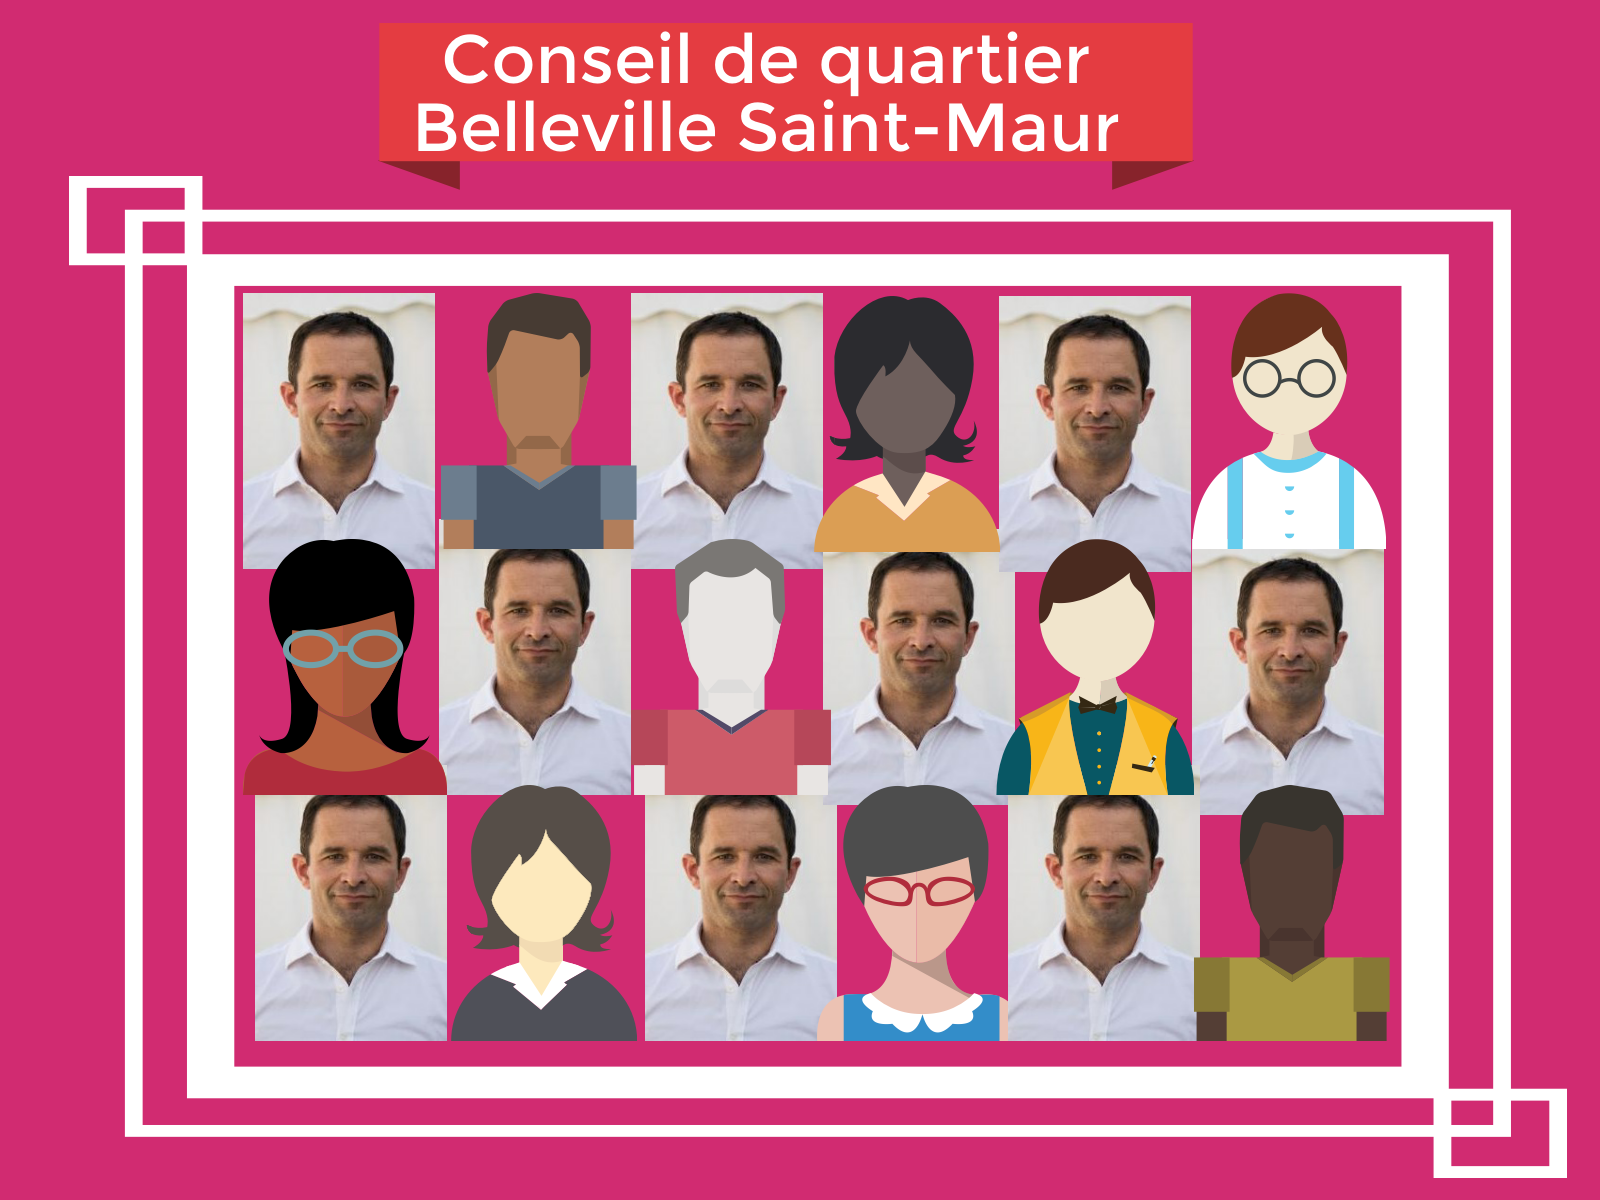 conseil de quartier Belleville Saint-Maur